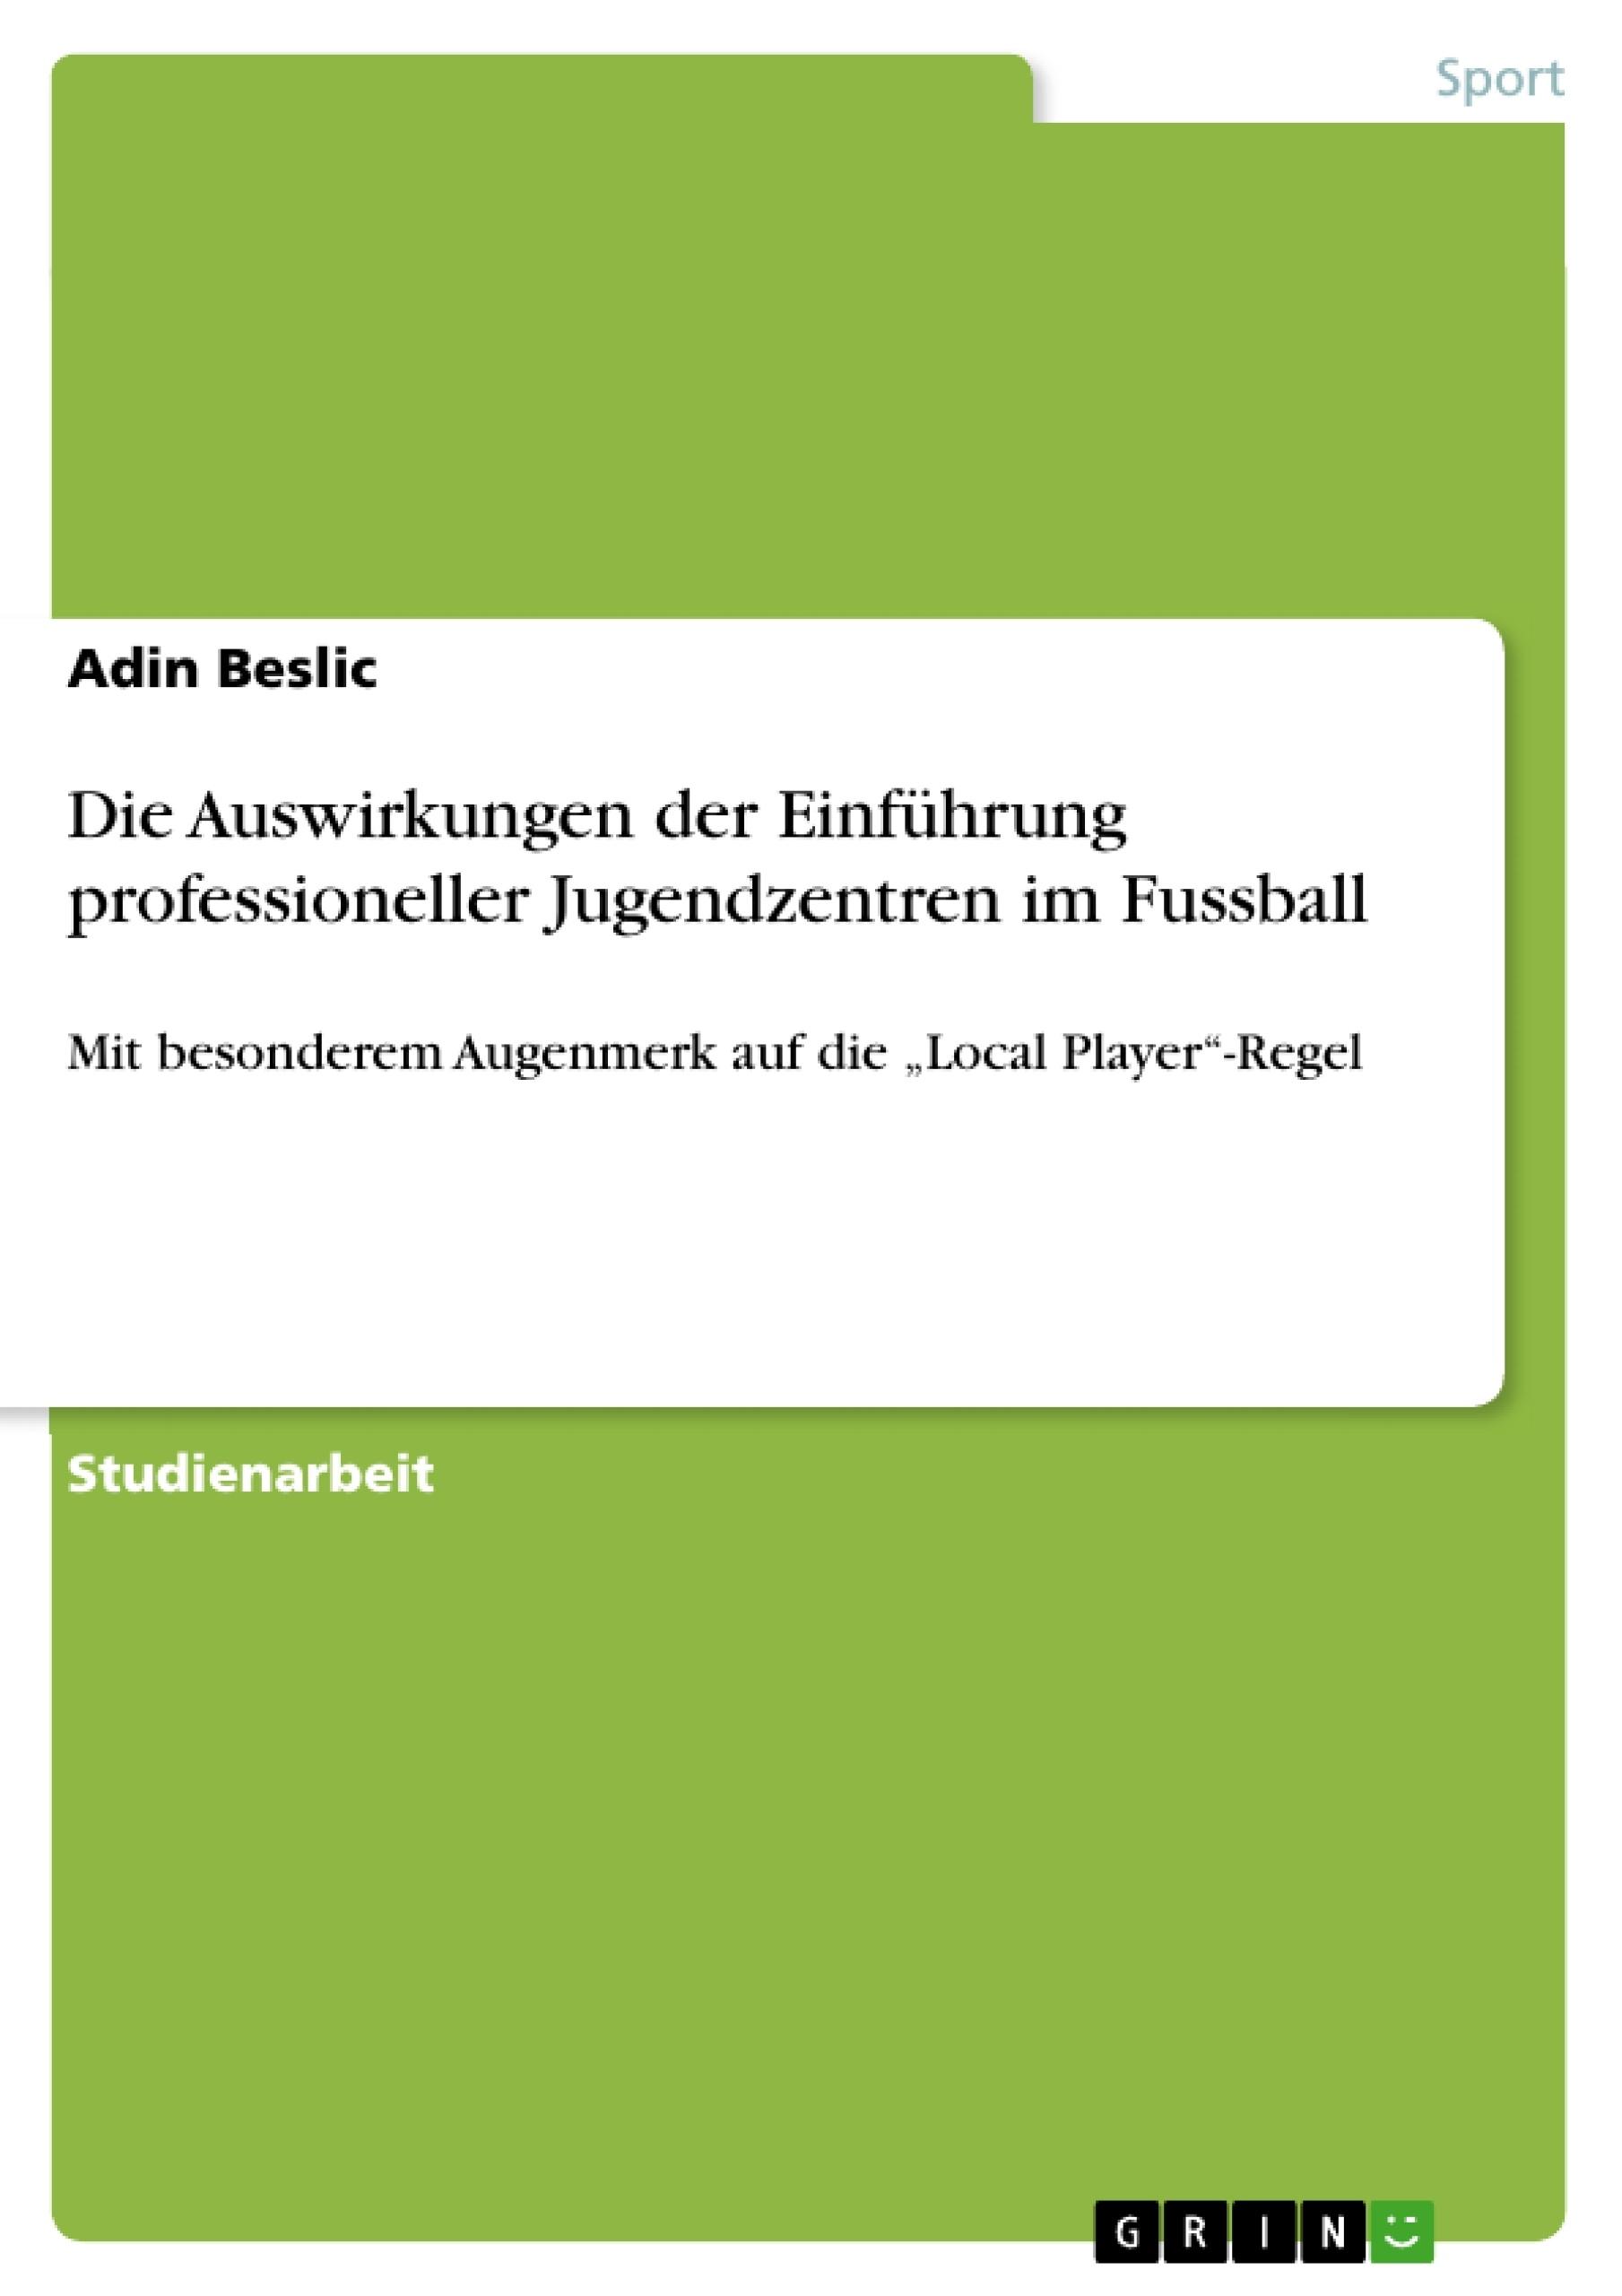 Titel: Die Auswirkungen der Einführung professioneller Jugendzentren im Fussball